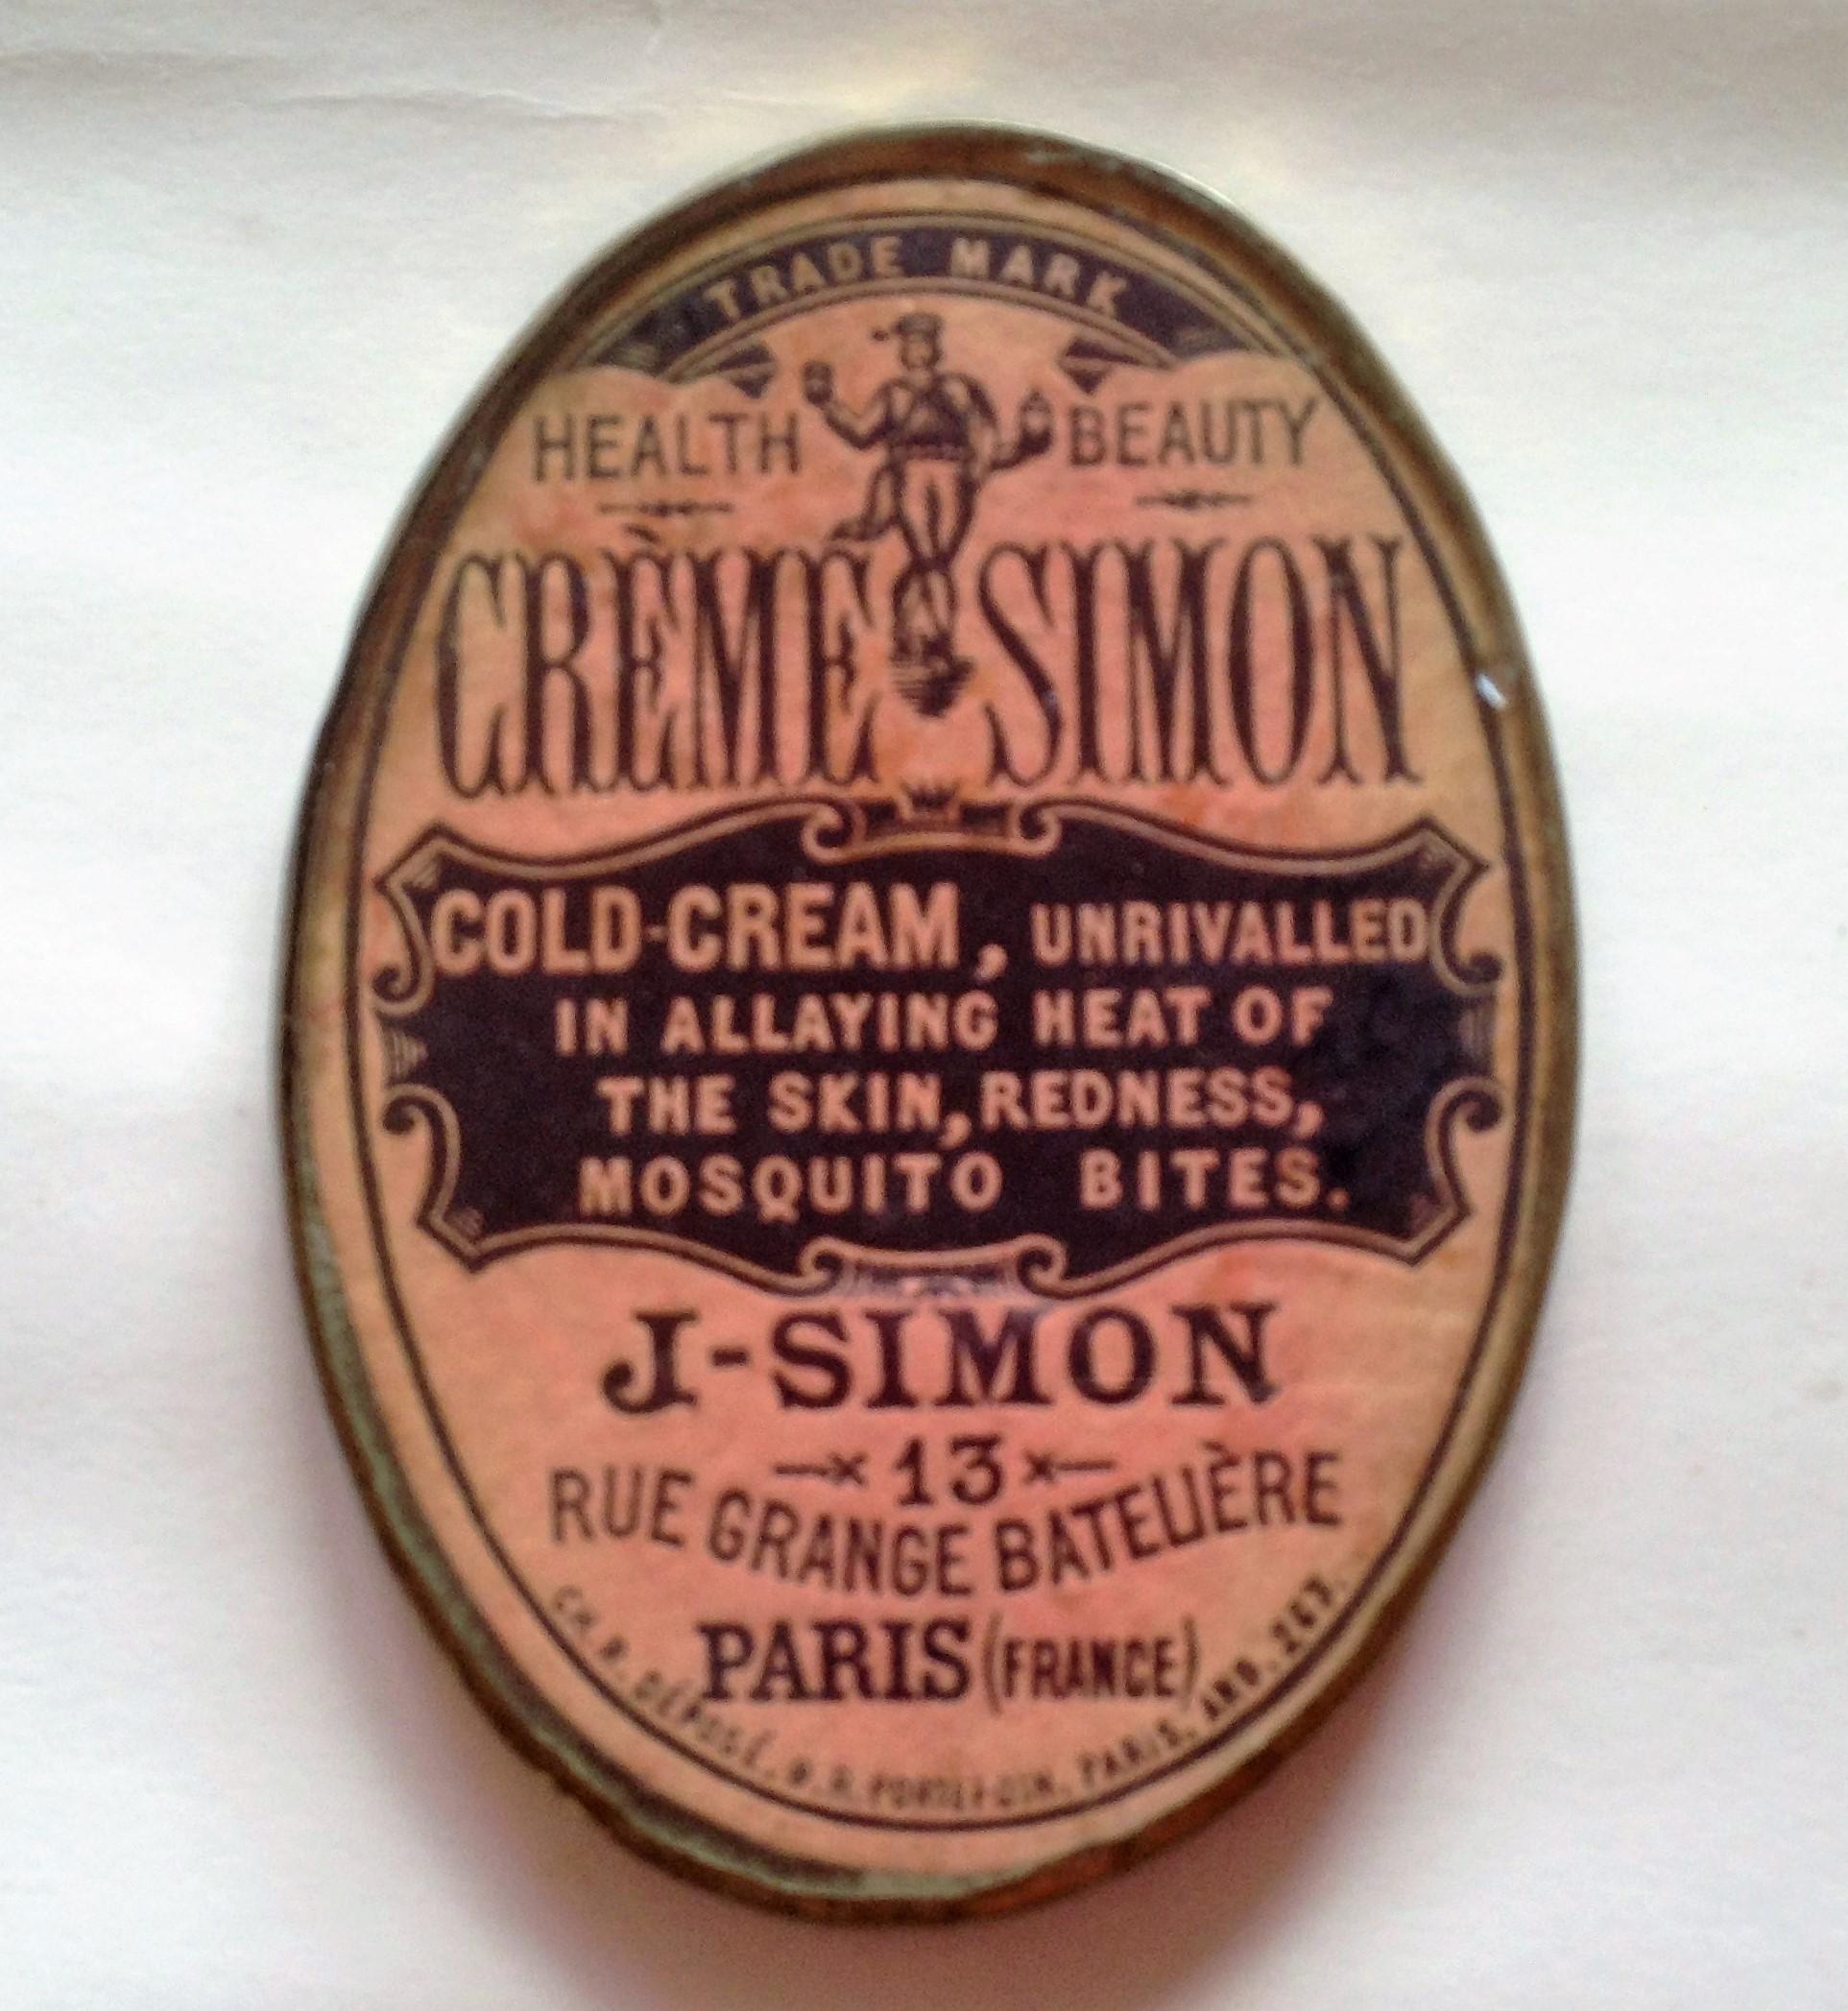 Creme Simon Pocket mirror